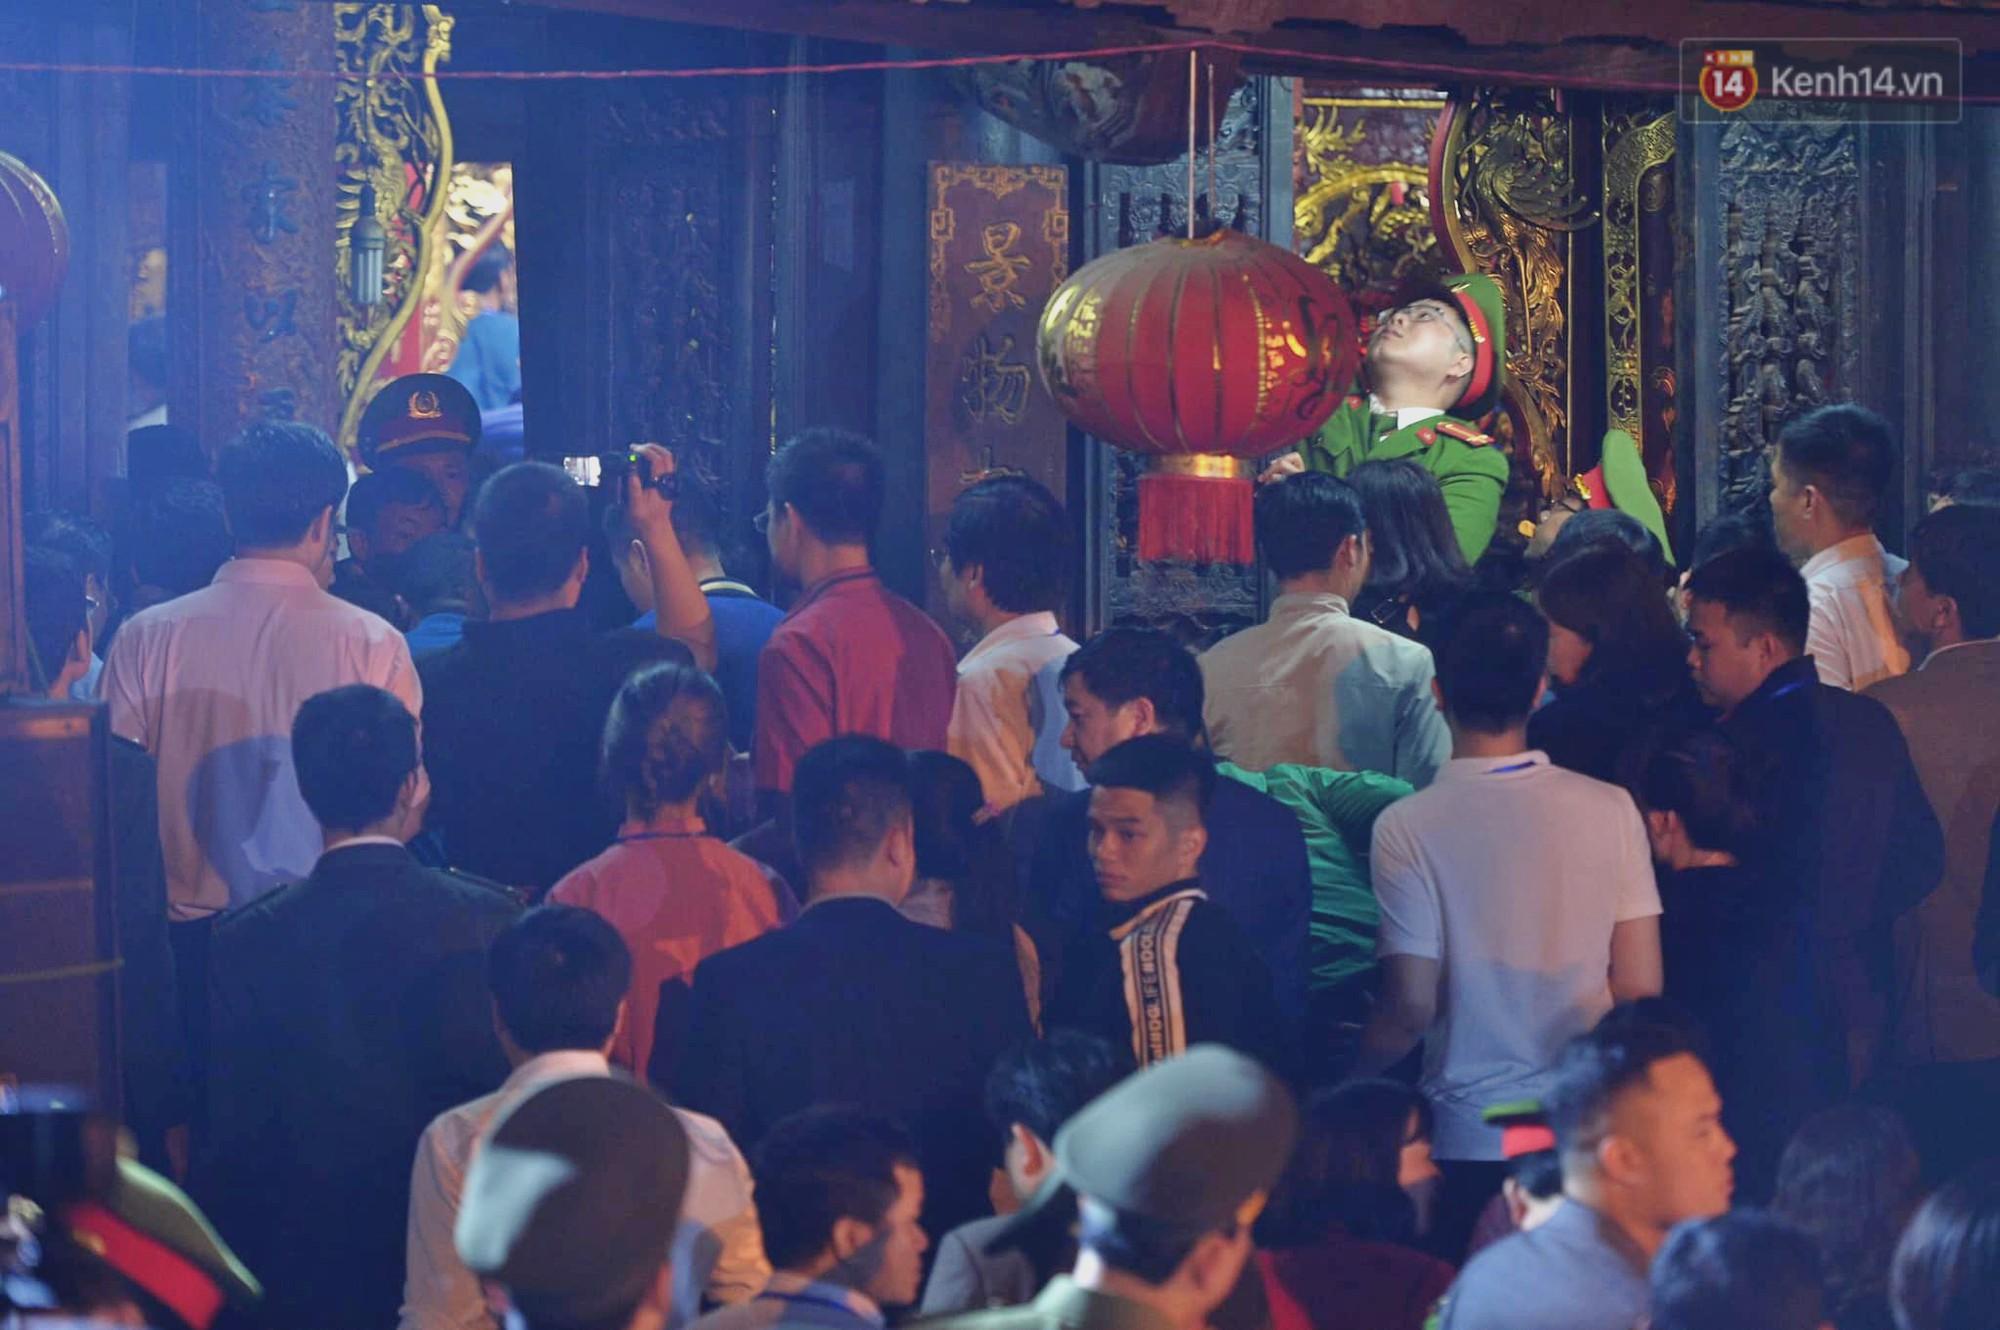 Người dân ném tiền vào kiệu ấn trước giờ khai hội tại Đền Trần - Ảnh 11.